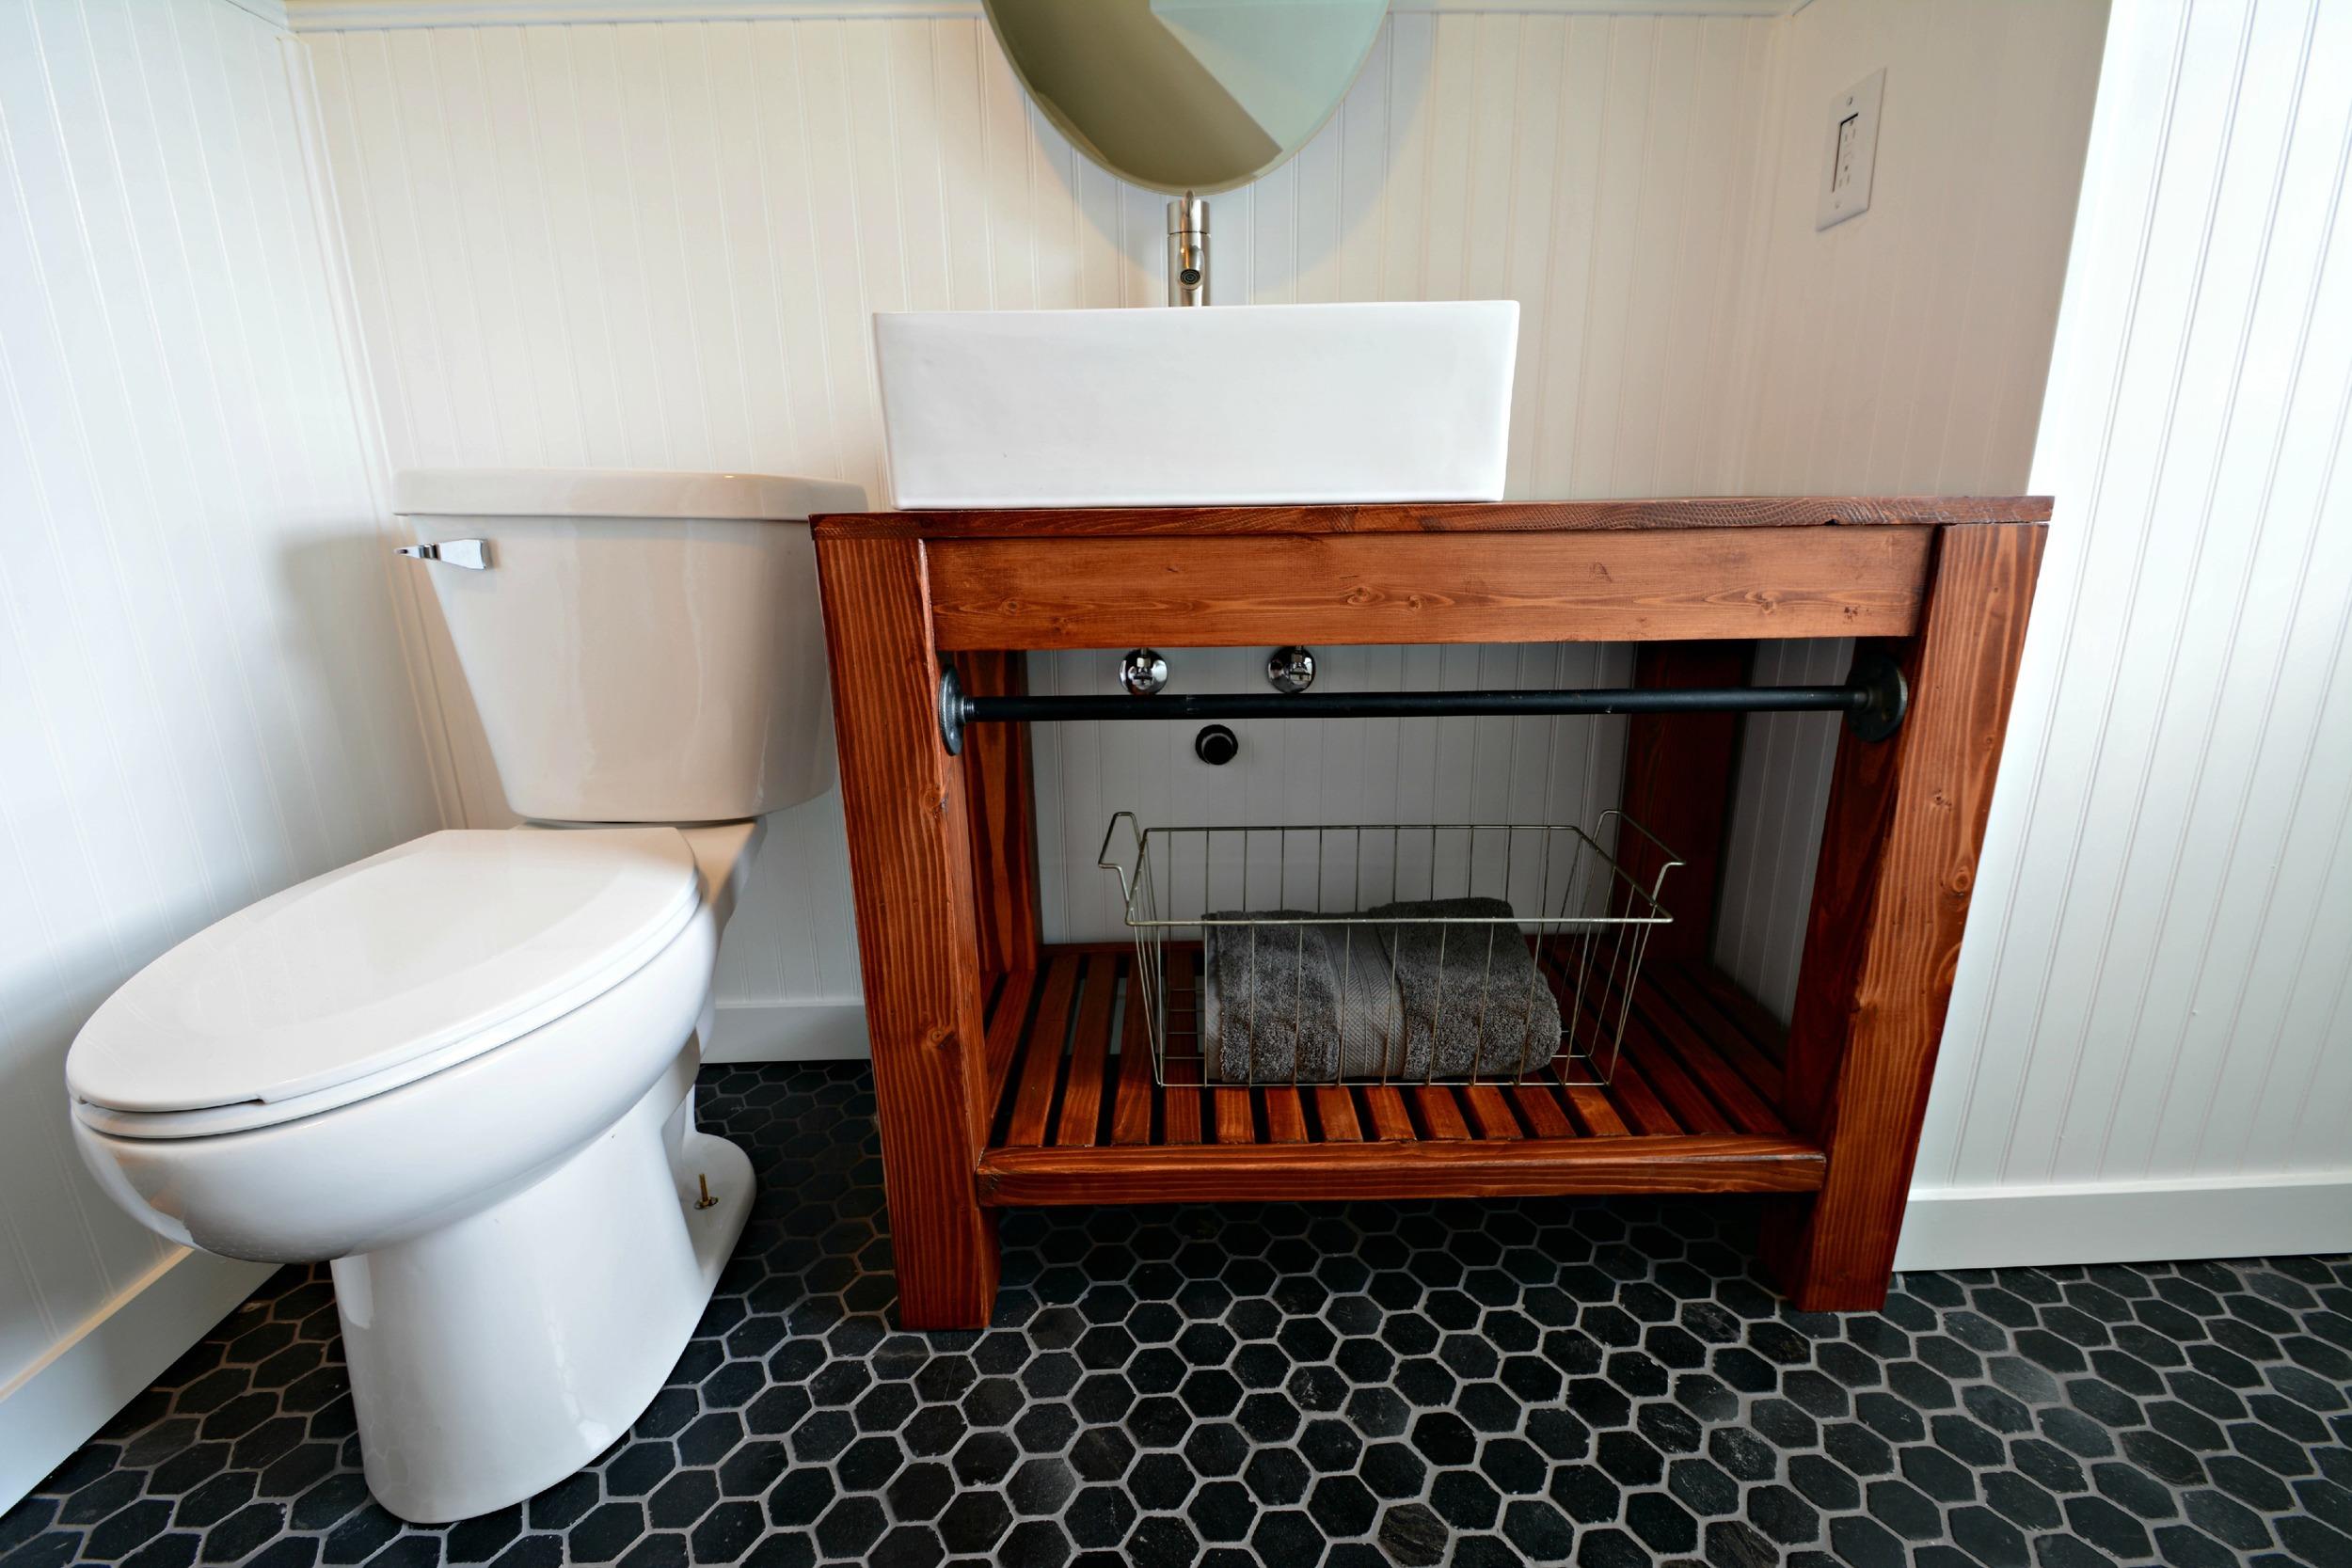 Modern Farmhouse Bathroom Vanity Tutorial | Decor and the Dog